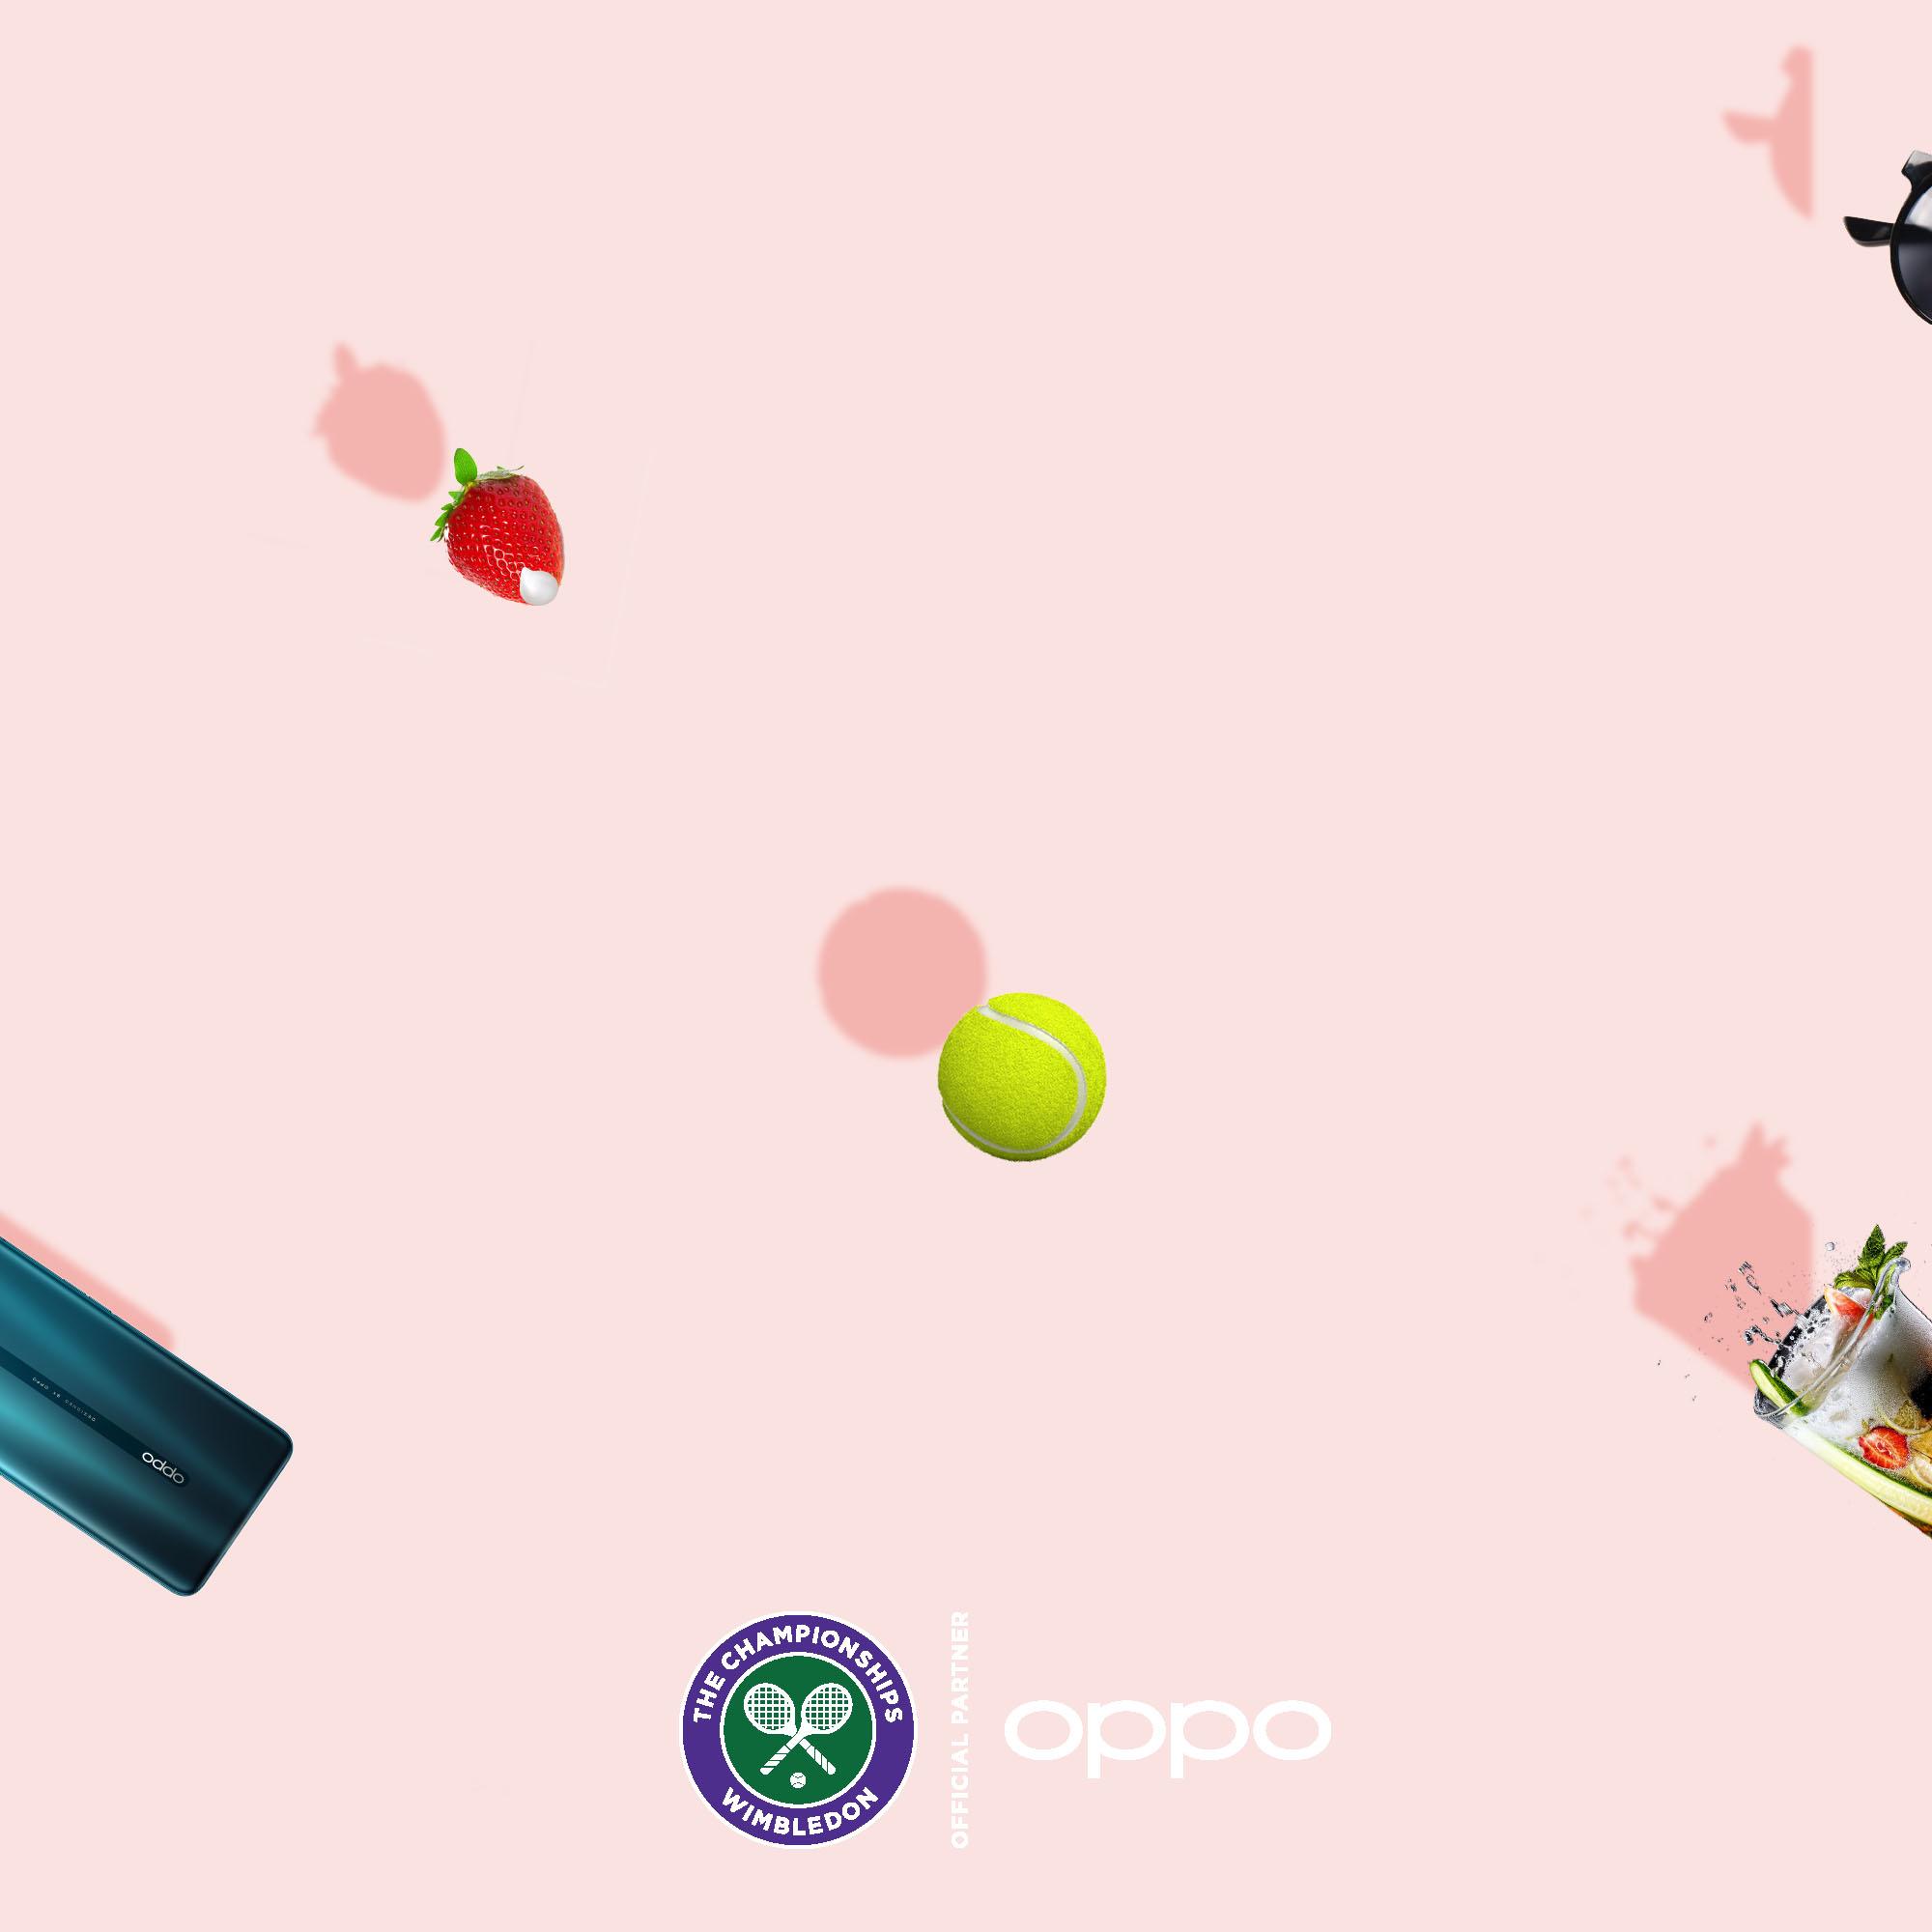 OPPO_Wimbledon_A2.jpg